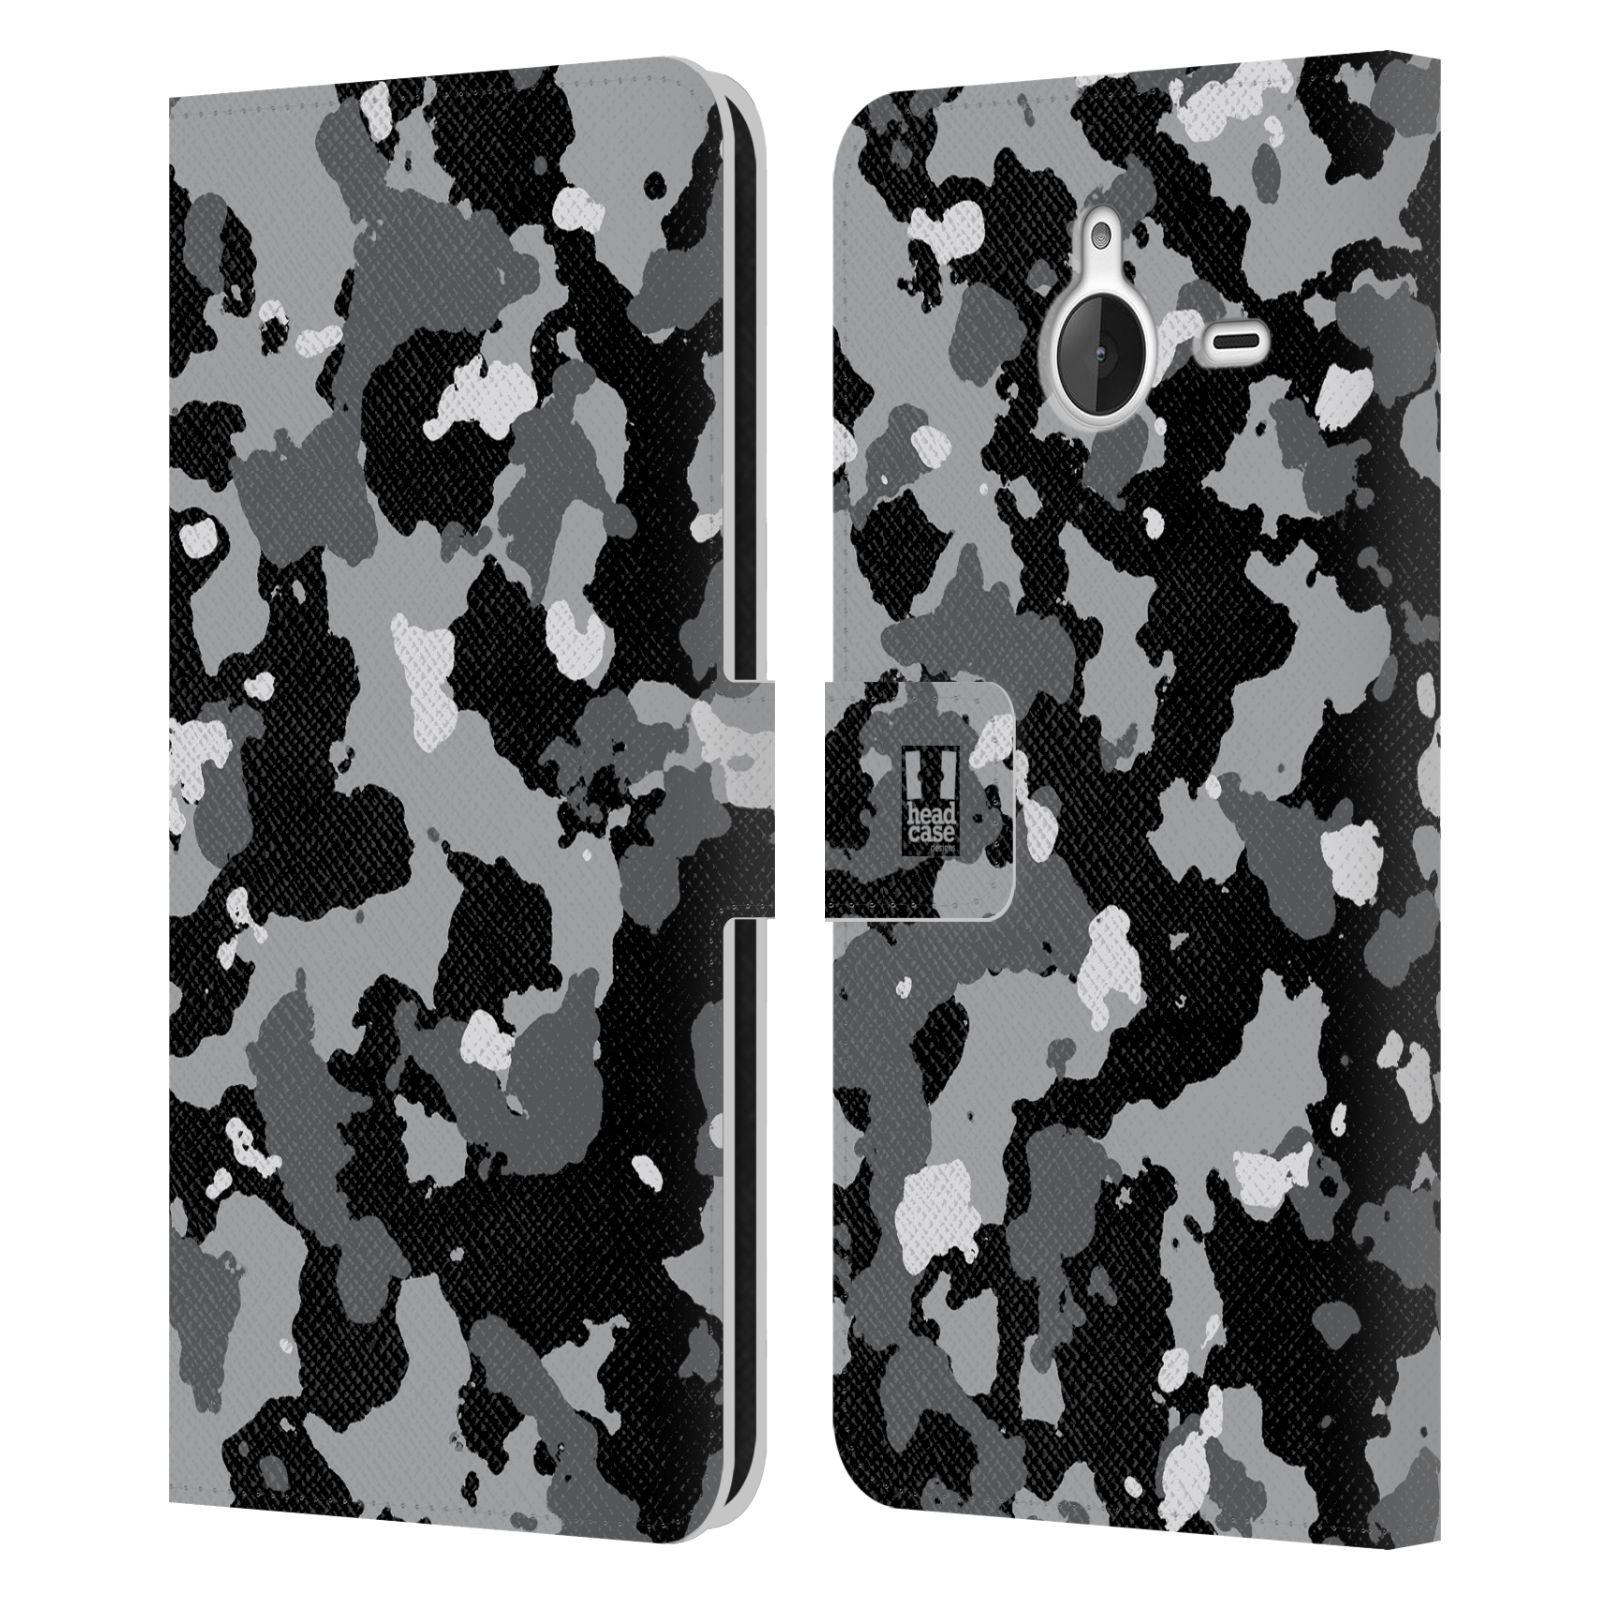 Pouzdro na mobil Nokia Lumia 640 XL - Head Case - kamuflaž černá a šedá